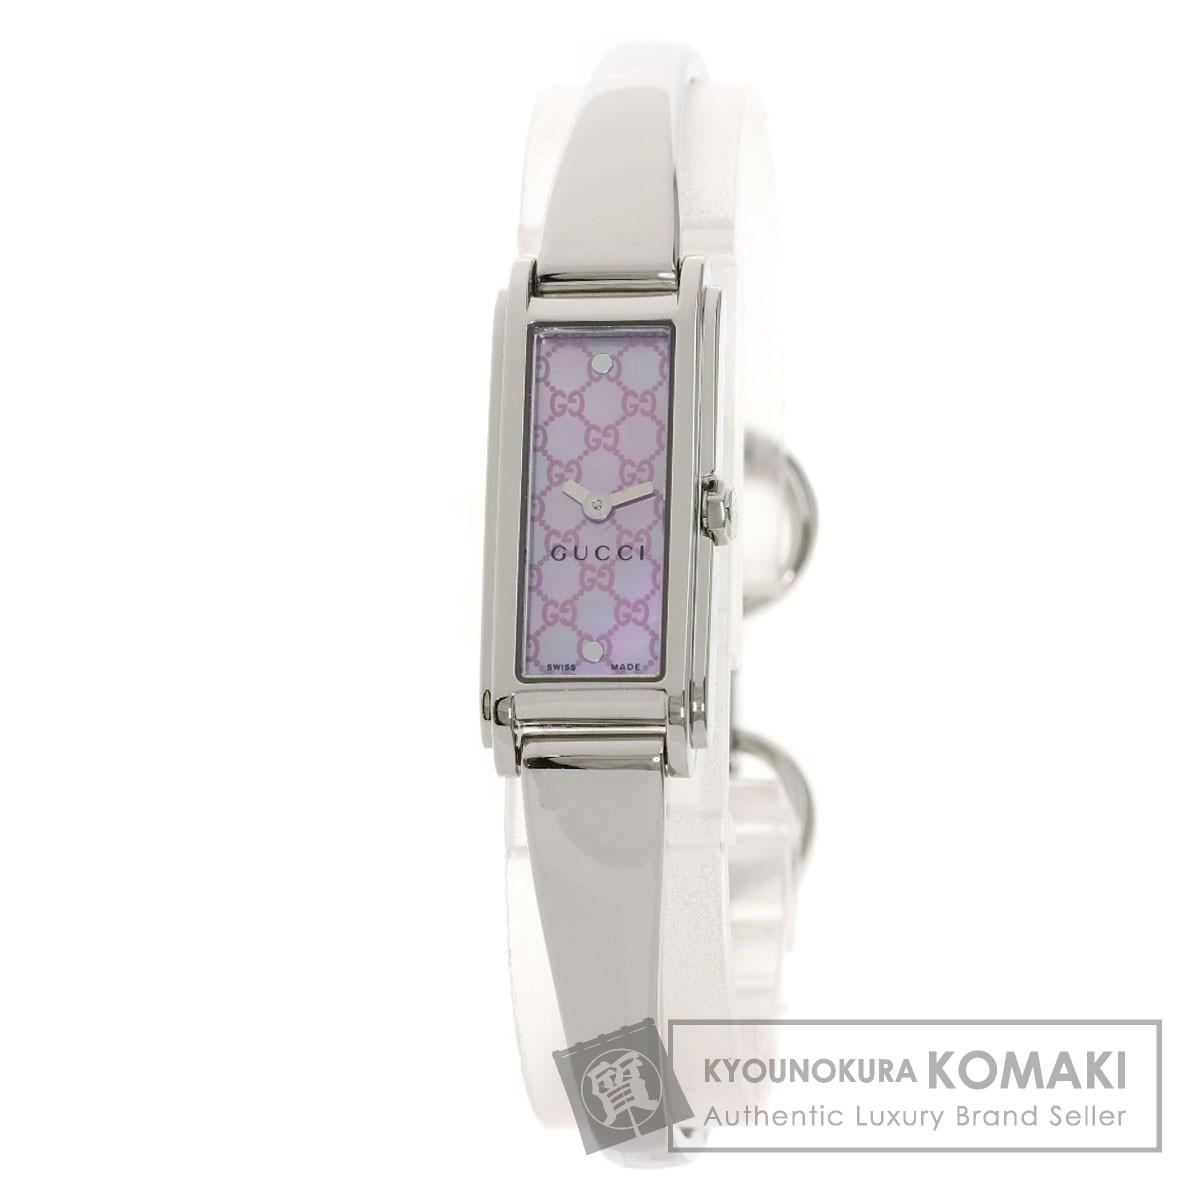 グッチ 109 YA109529 GG スクエアフェイス 腕時計 ステンレススチール/SS レディース 【中古】【GUCCI】